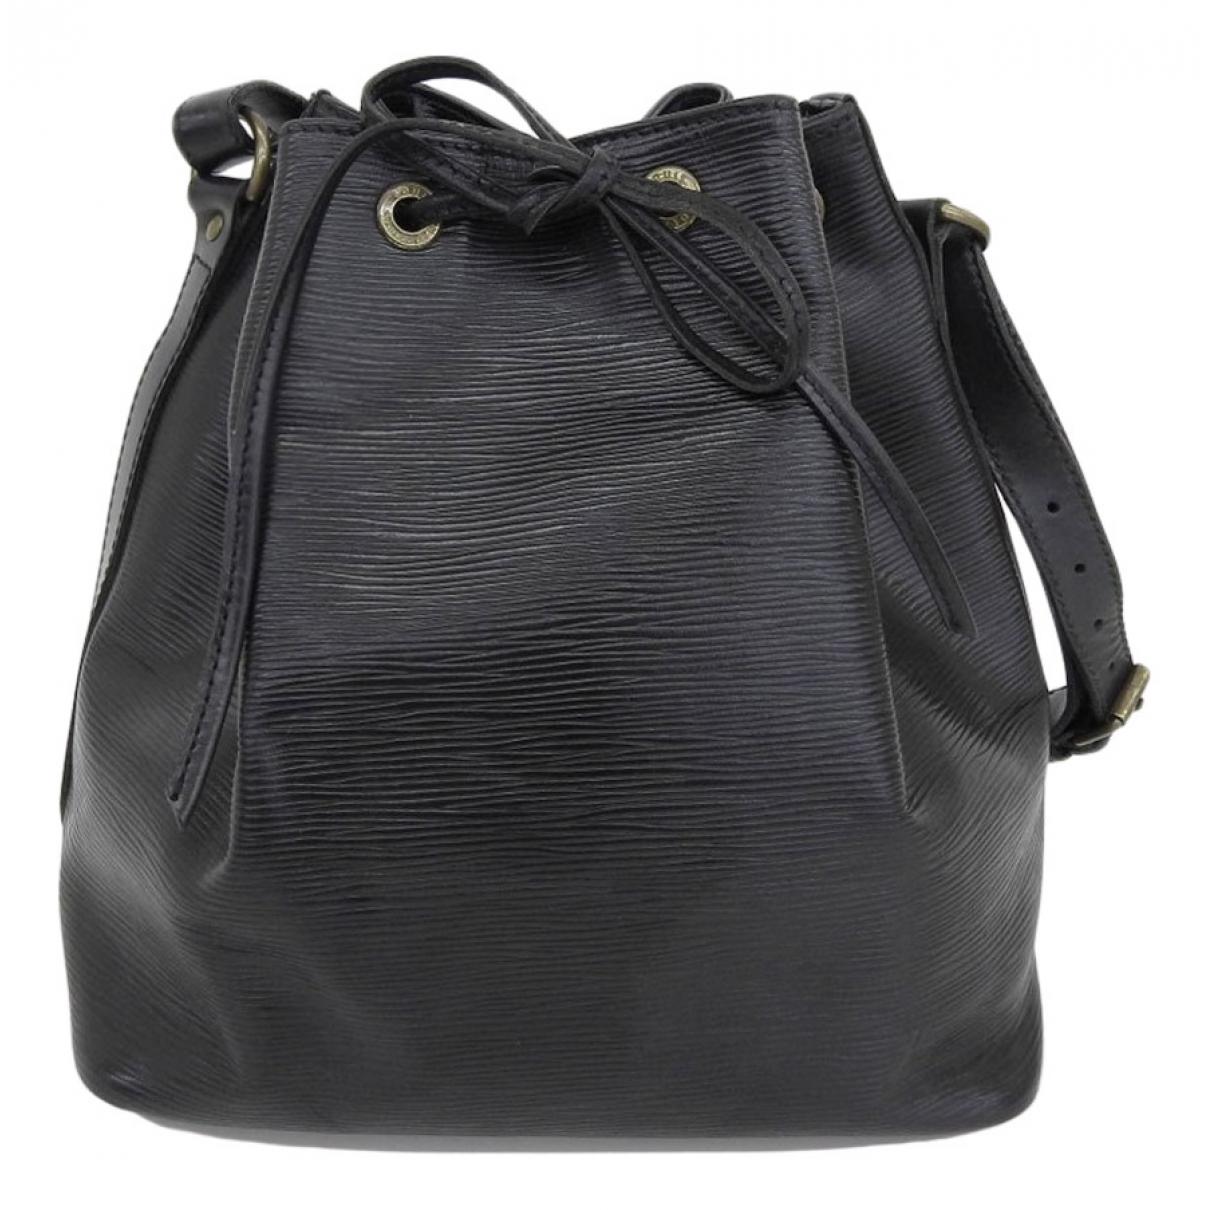 Louis Vuitton Noé Black Leather handbag for Women N